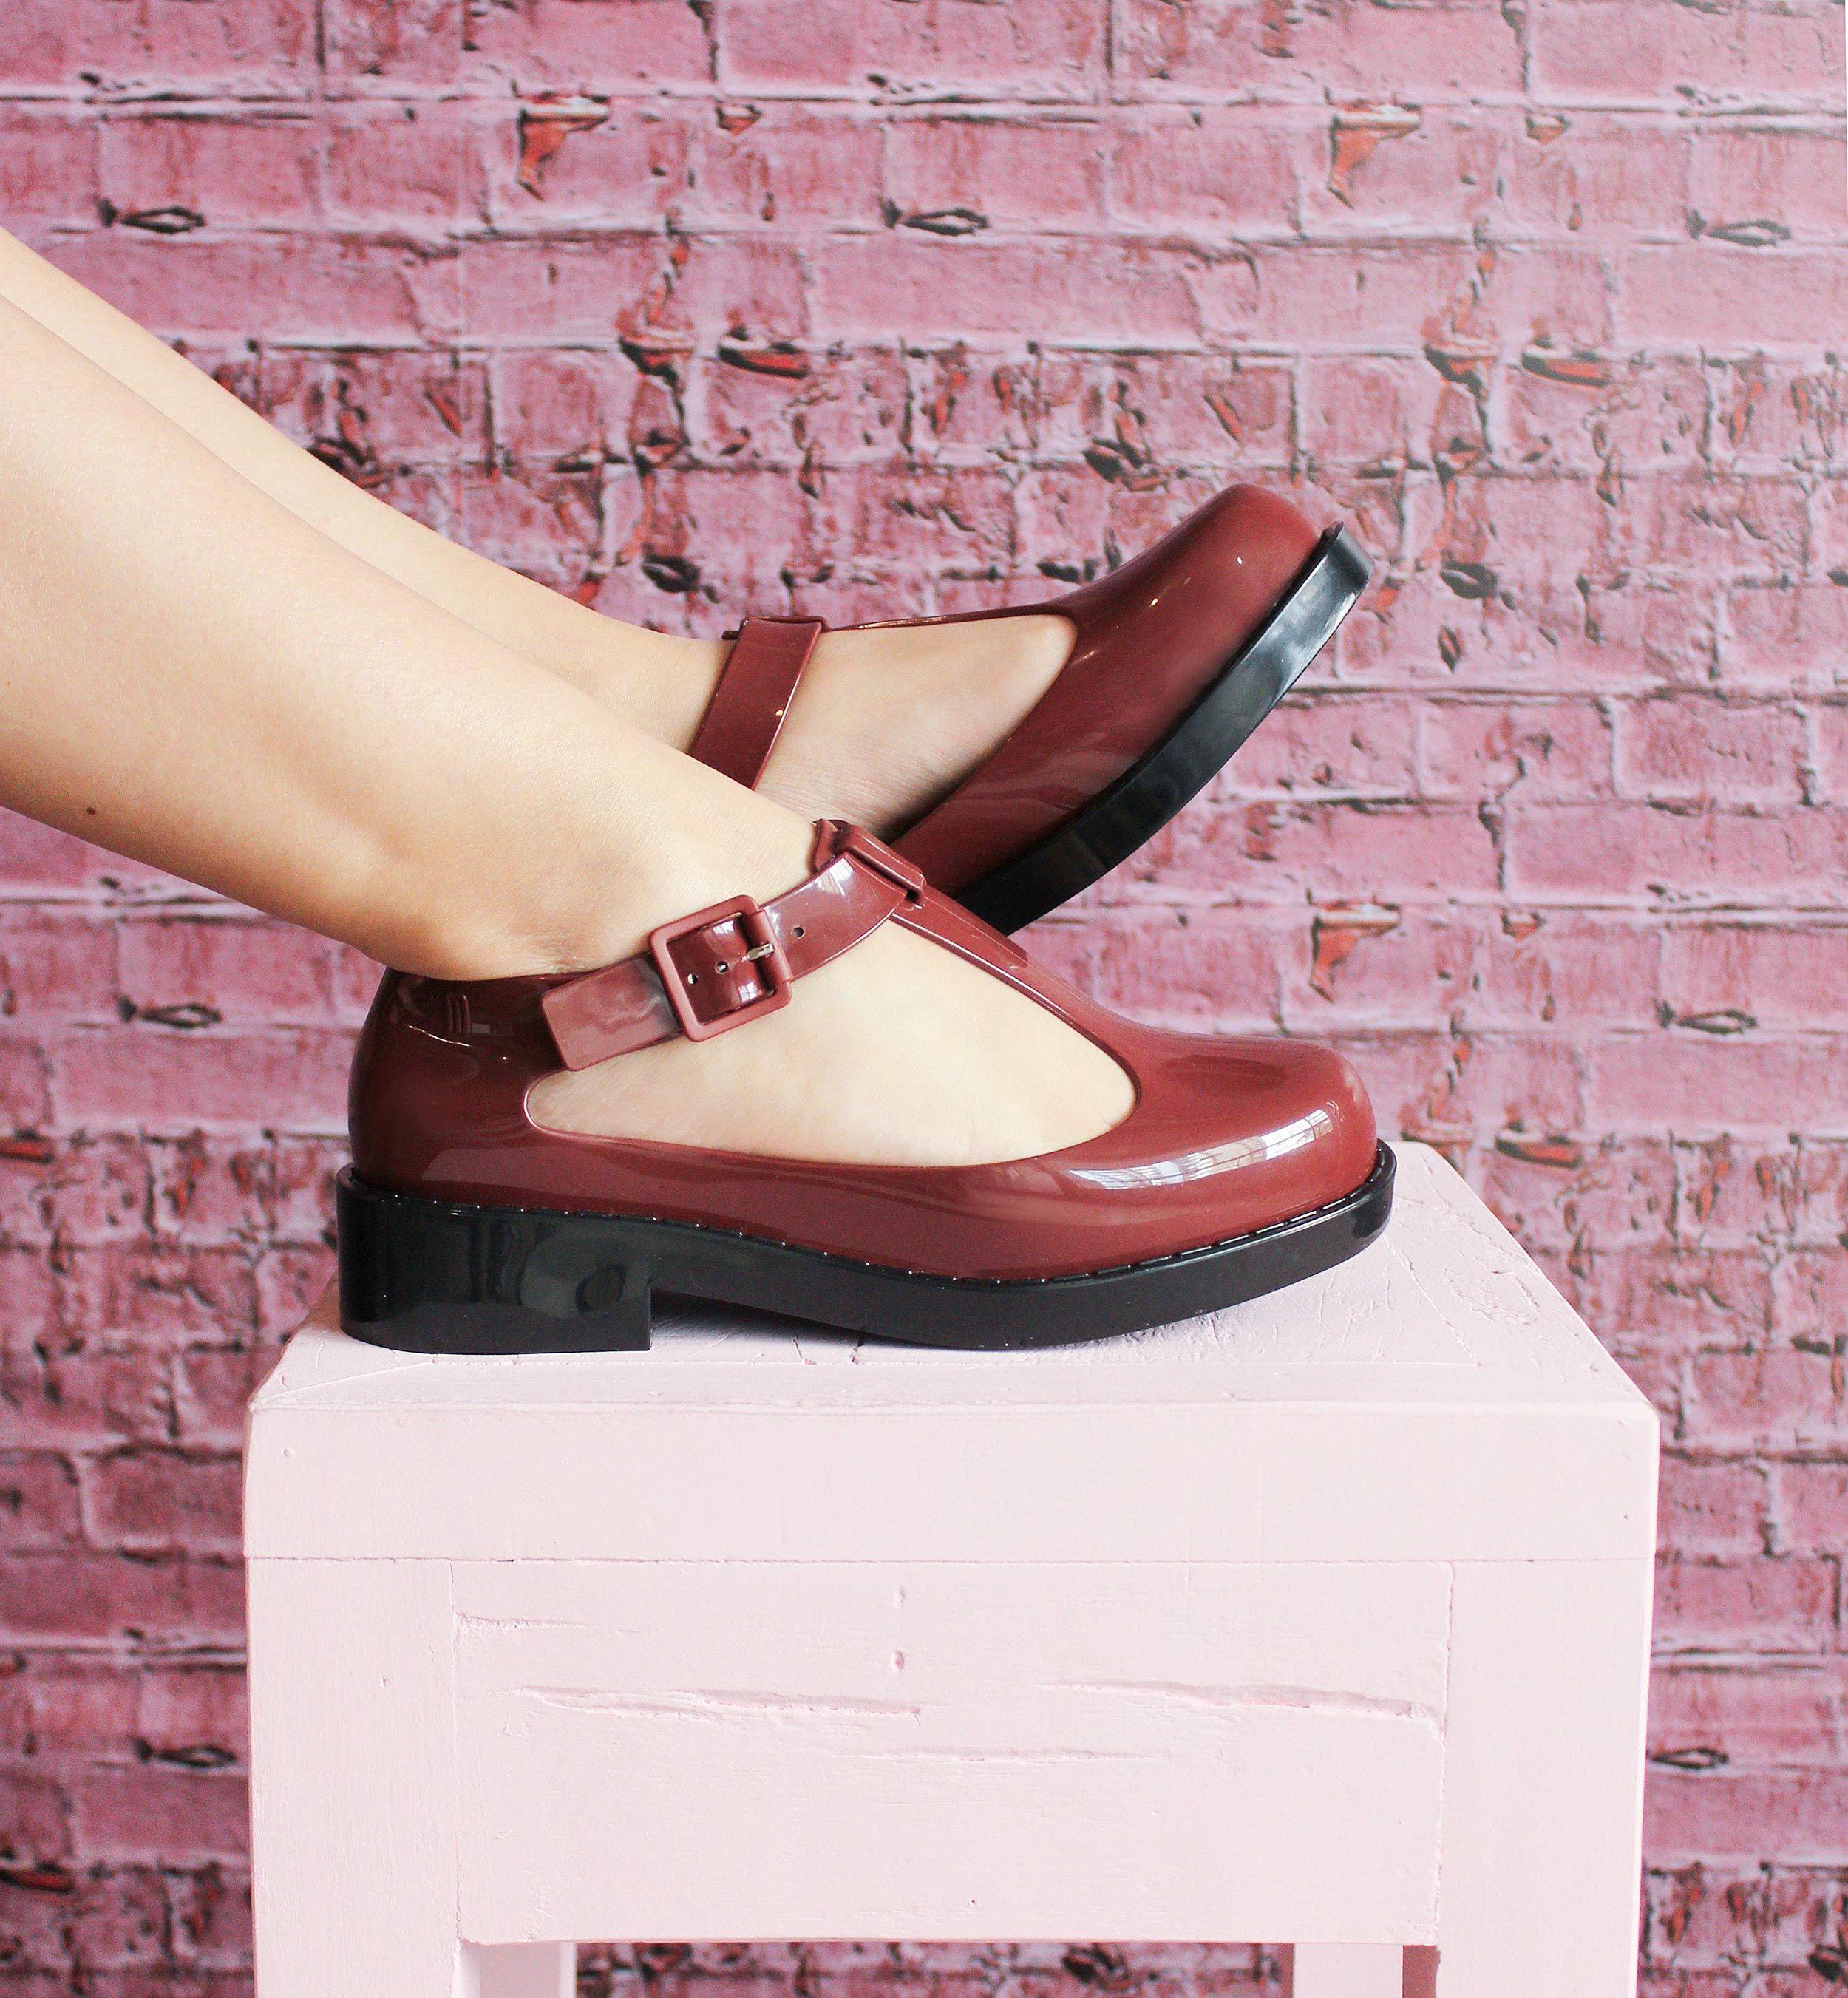 de2f2c0da Melissa Kazakova Diy Sapatos, Sapatos Vintage, Sapatos De Boneca, Sapatos  Sandálias, Sapatos